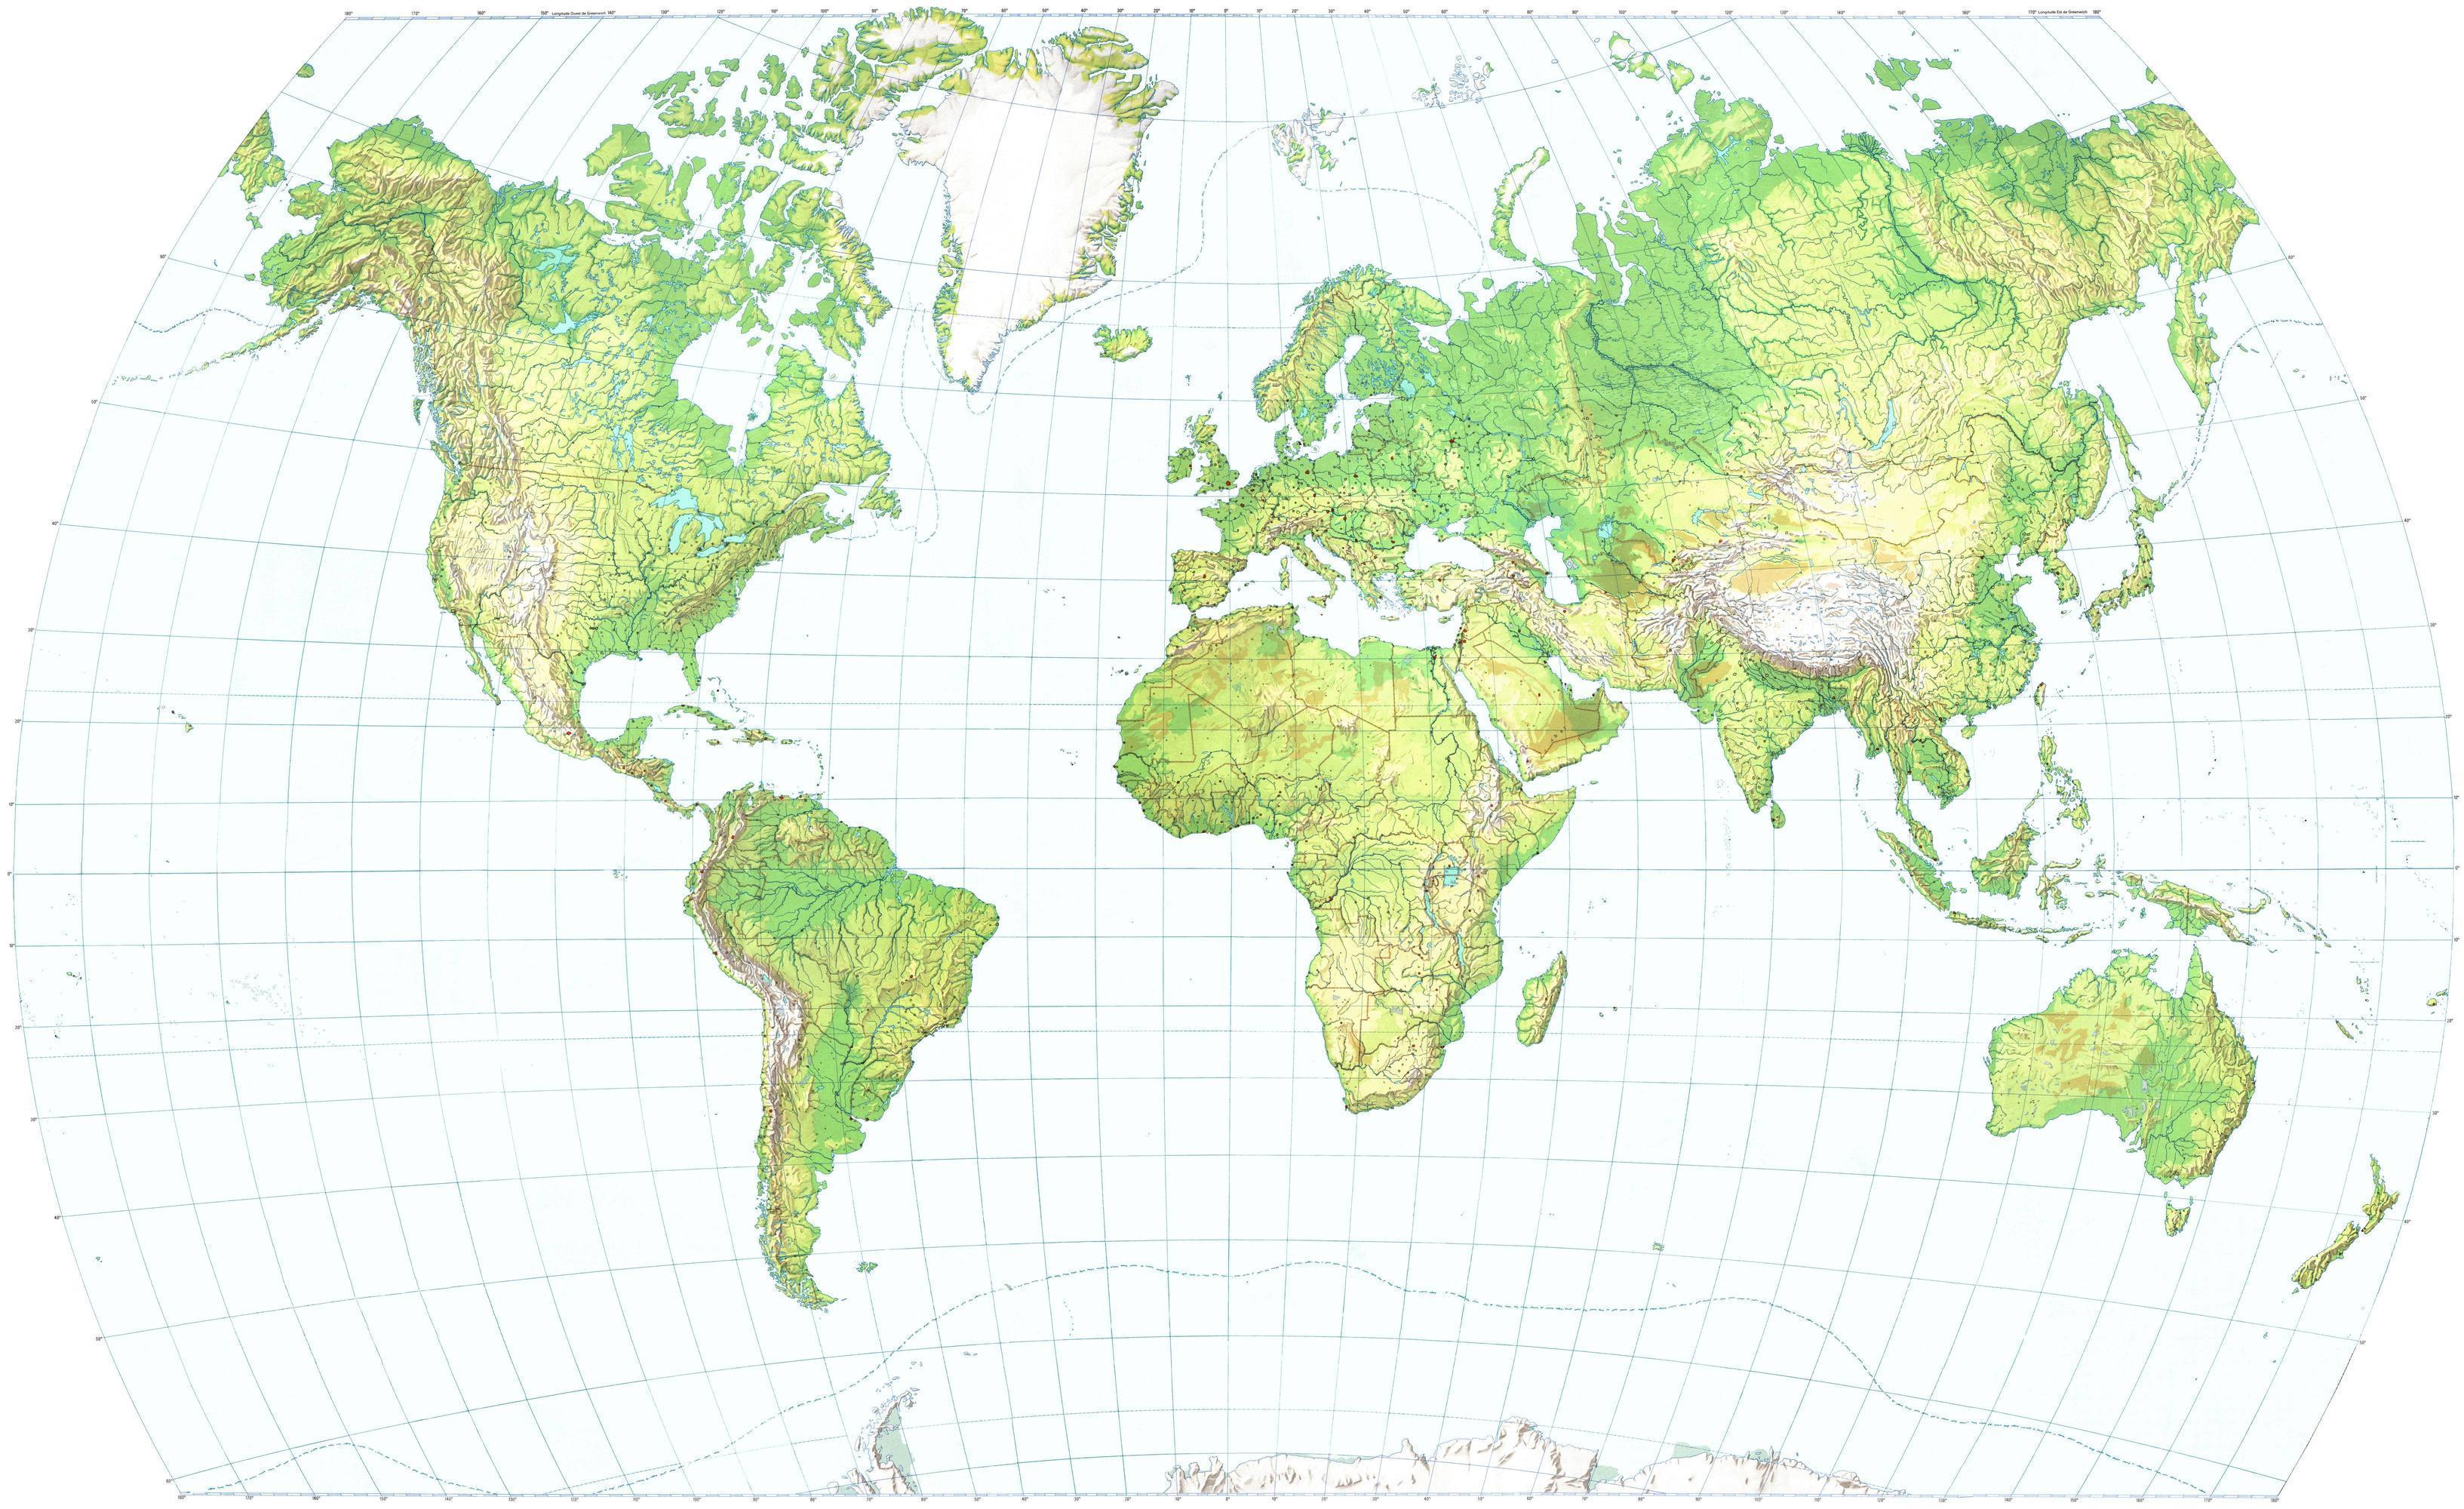 World Map Wallpapers High Resolution Wallpaper Cave – Map World High Resolution